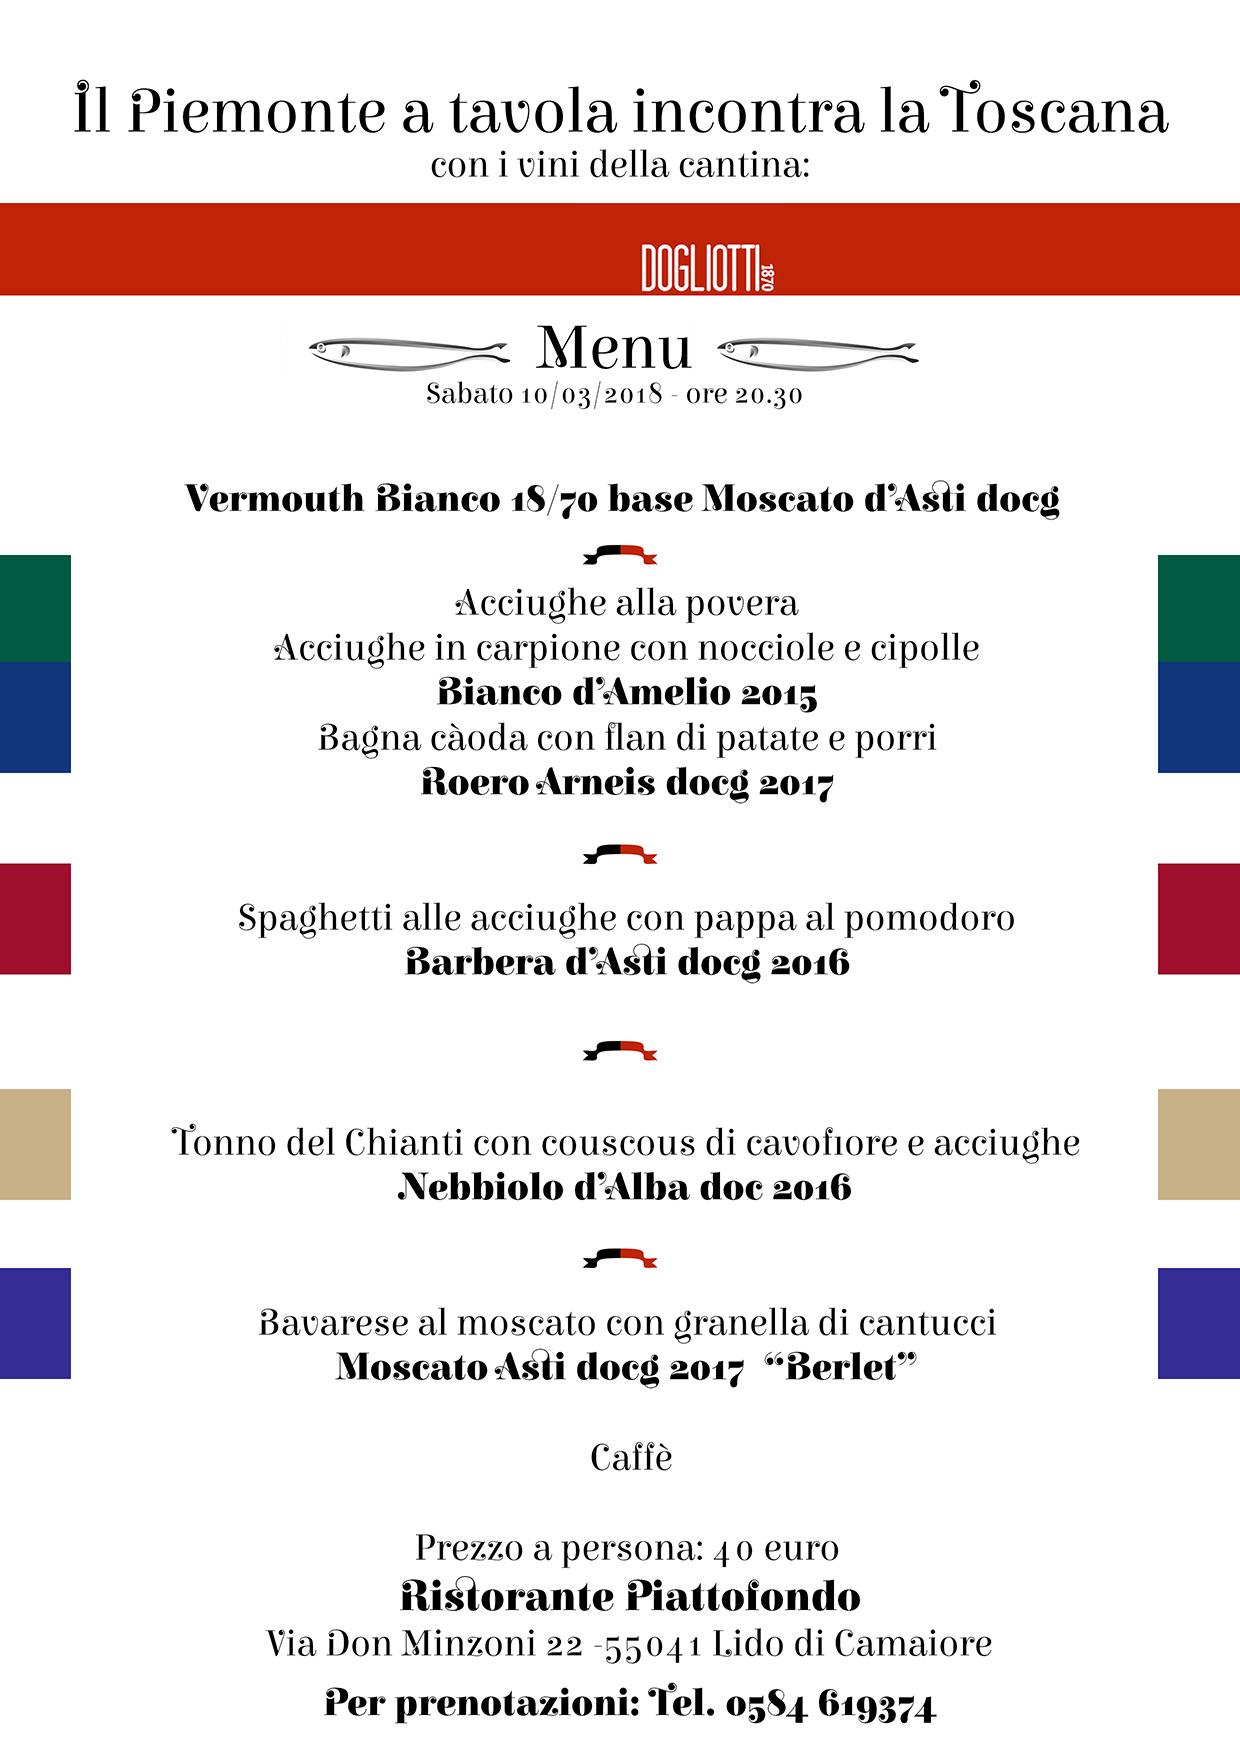 l'acciuga nella cucina piemontese e toscana abbinata ai vini della cantina Dogliotti 1870, una cena in compagnia di Erik Dogliotti, di amici e buongustai!